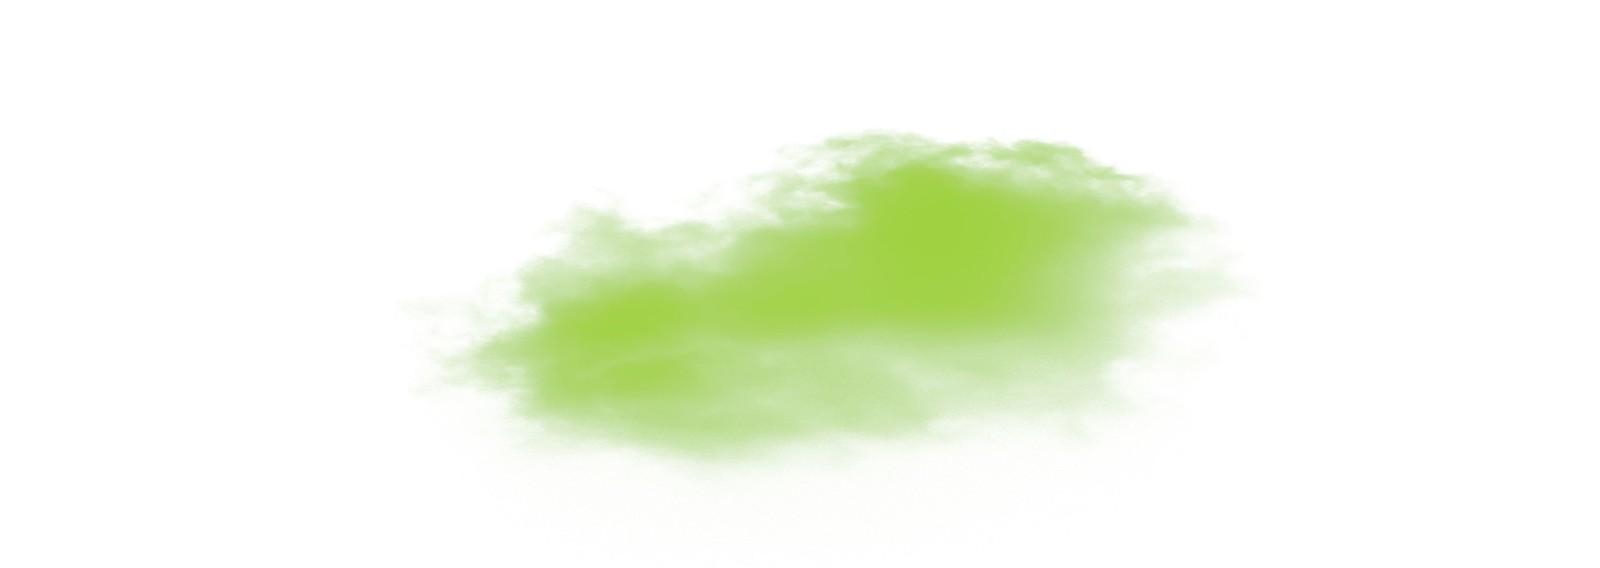 Zéro carbone - 0 carbone - performance énergétique - respect de l'environnement - travail et santé